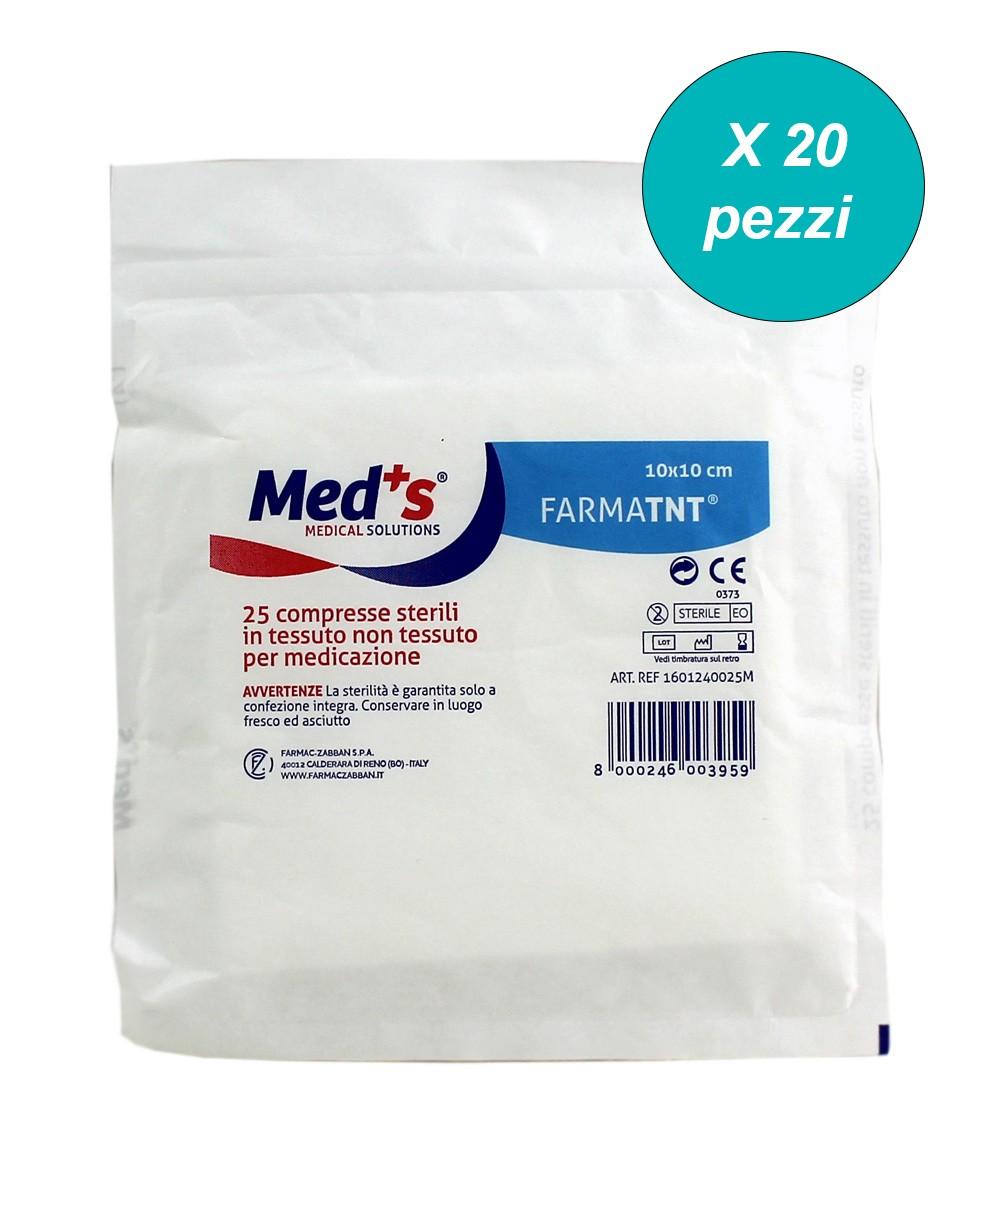 Garza Sterile 10x10 Cm in Tnt Blister da 25 Compresse - Confezione da 20 Pezzi